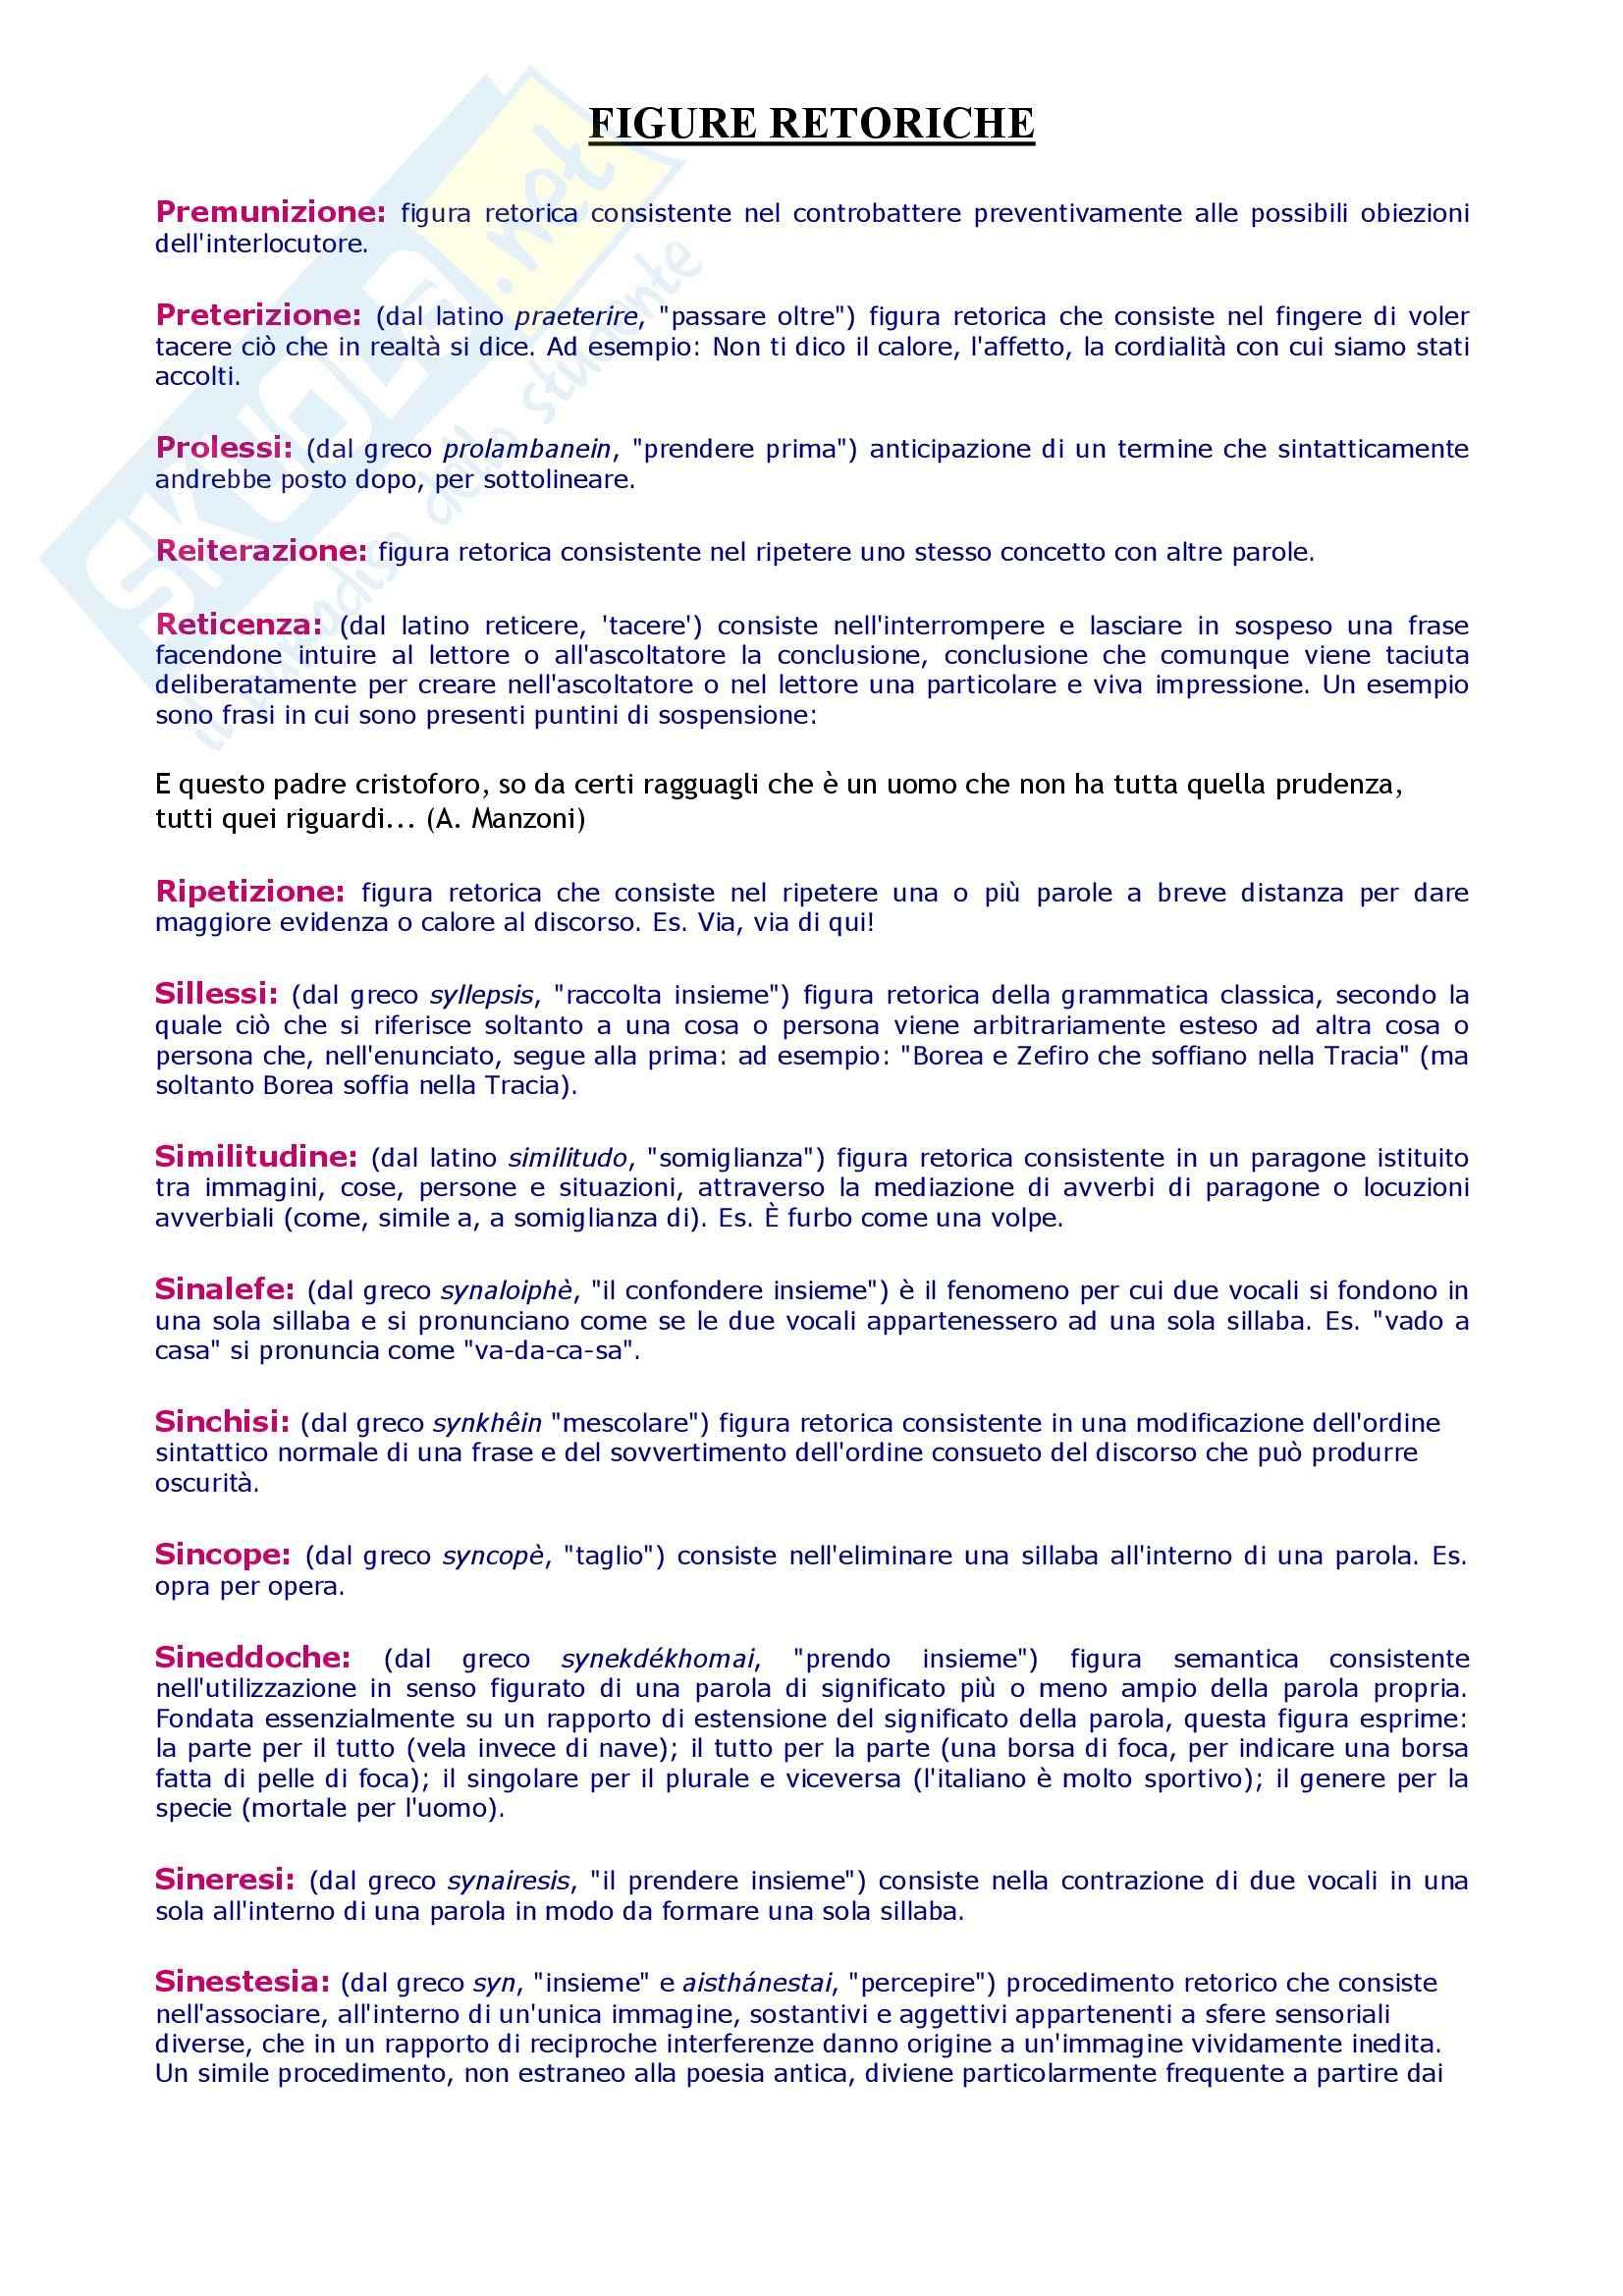 Tecniche espressive e composizione testi in italiano - dizionario figure retoriche Pag. 6